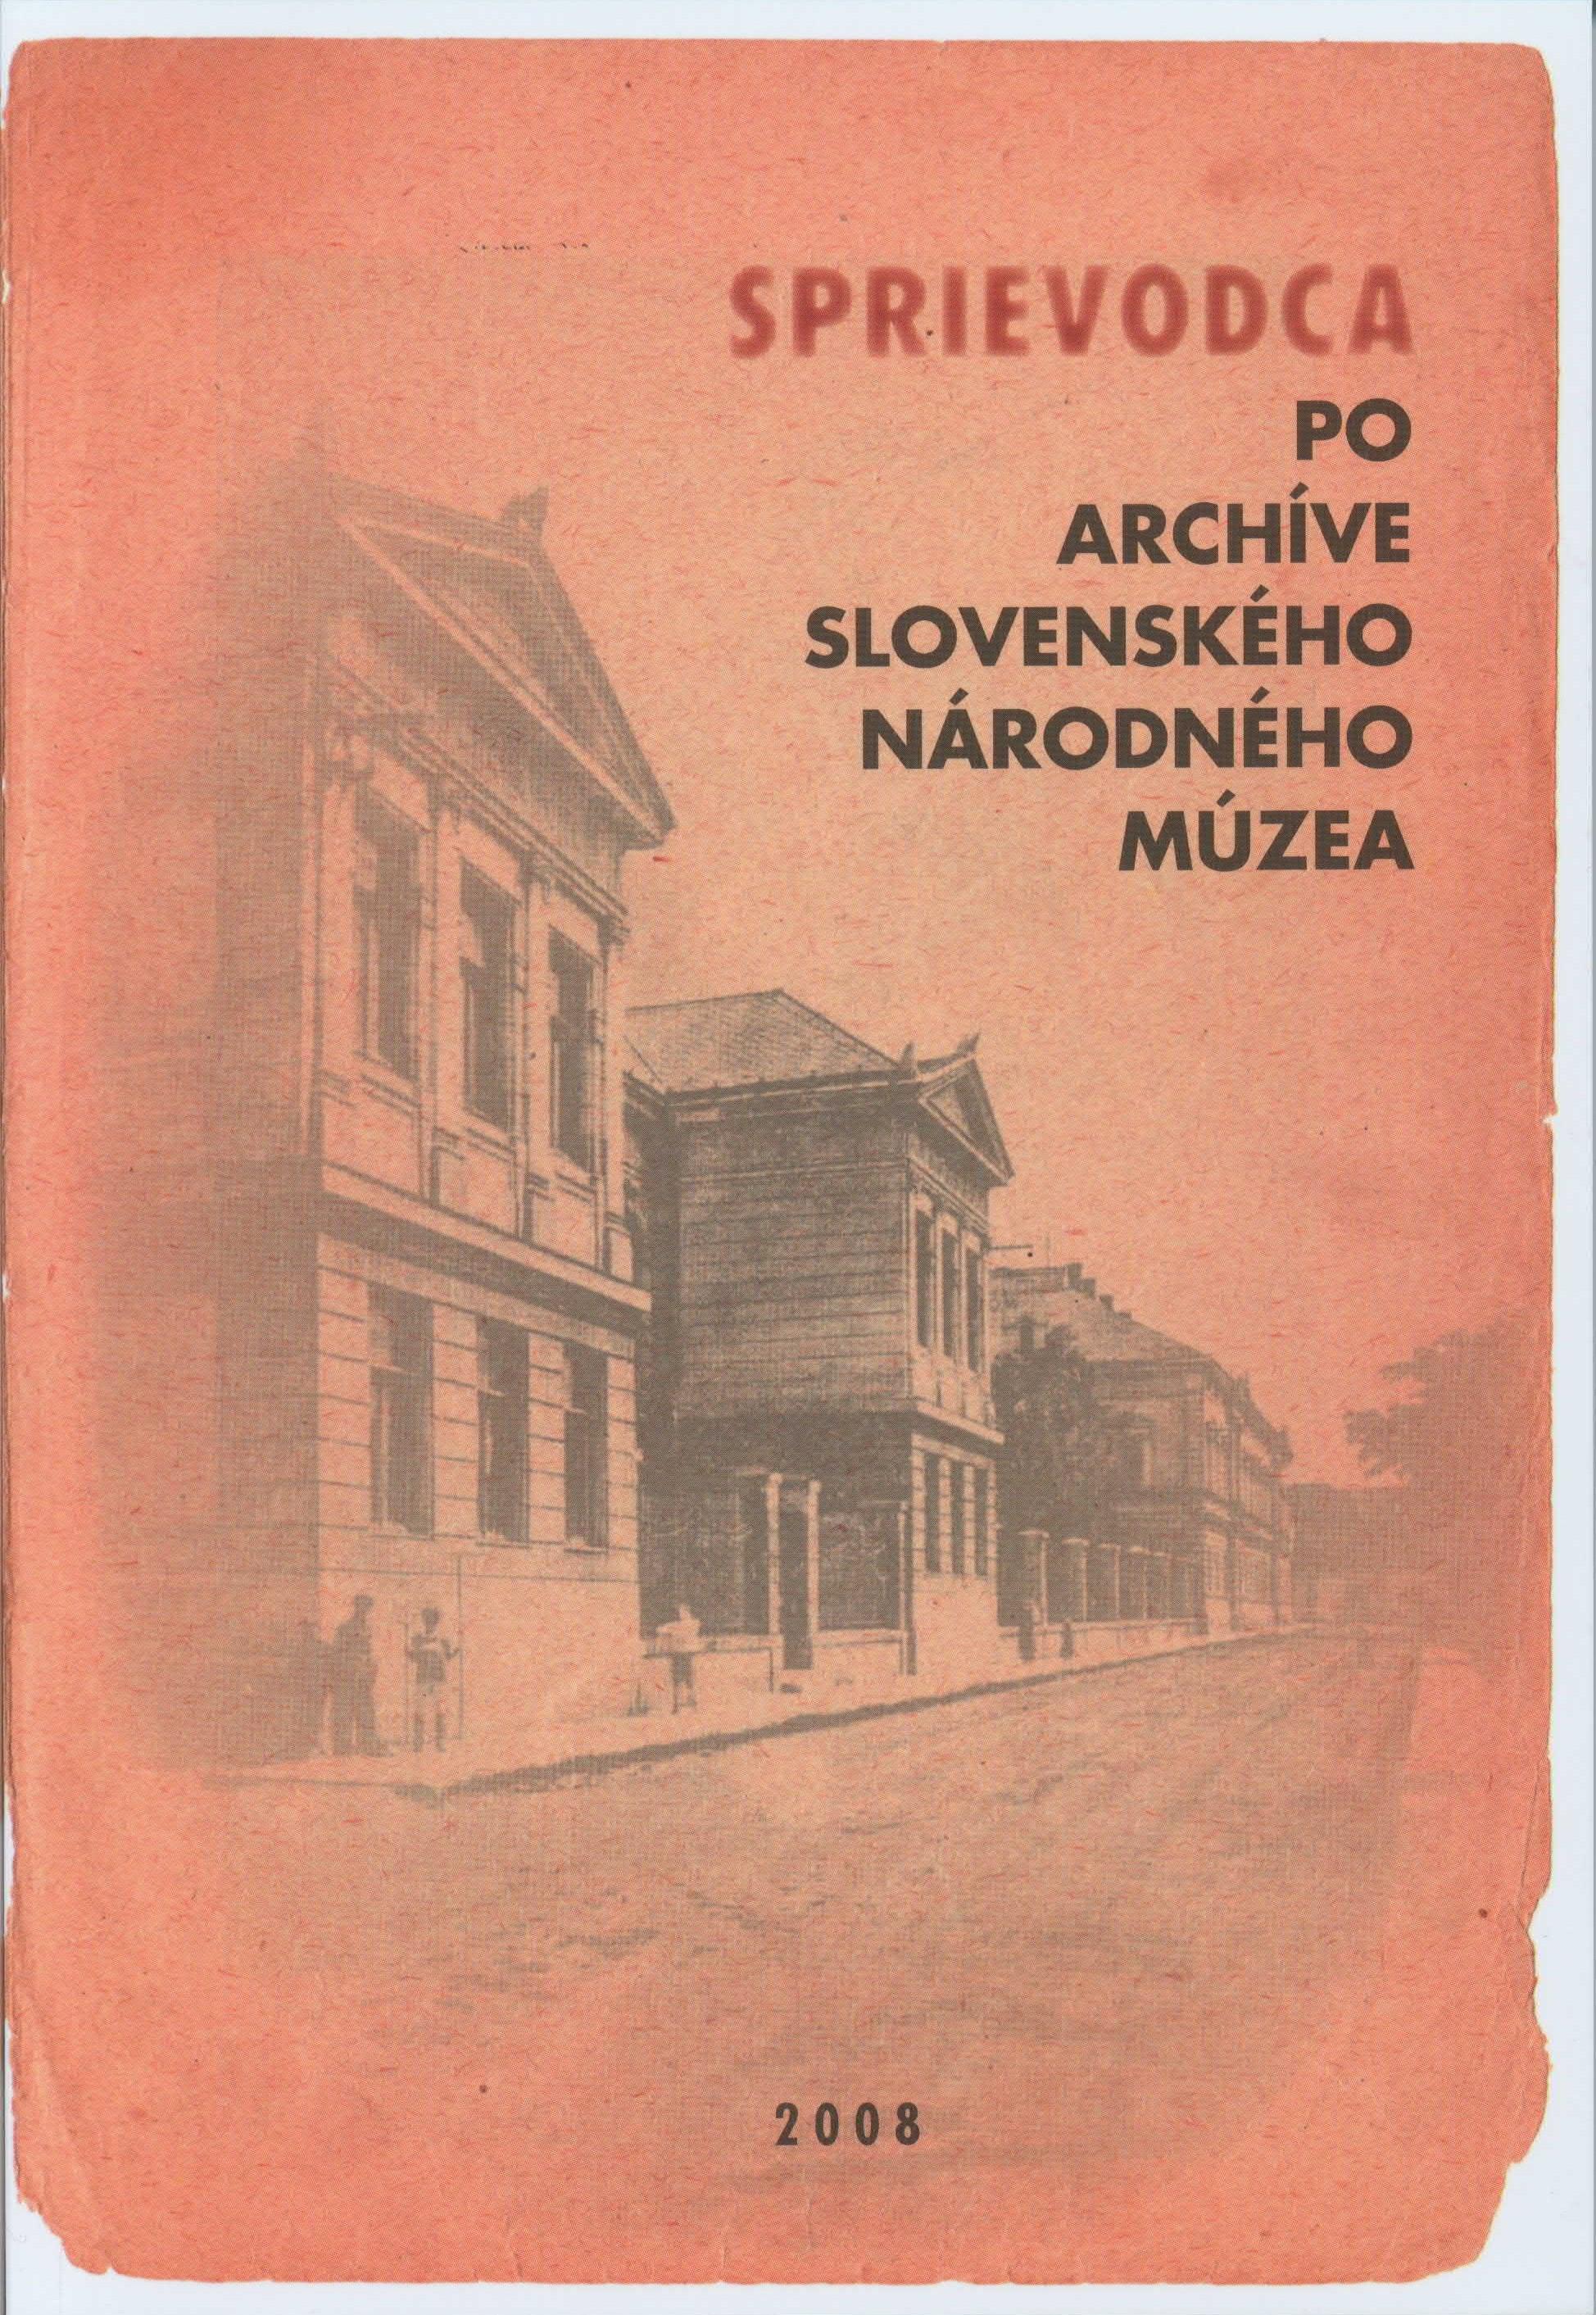 Sprievodca po Archíve SNM, Bratislava 2008